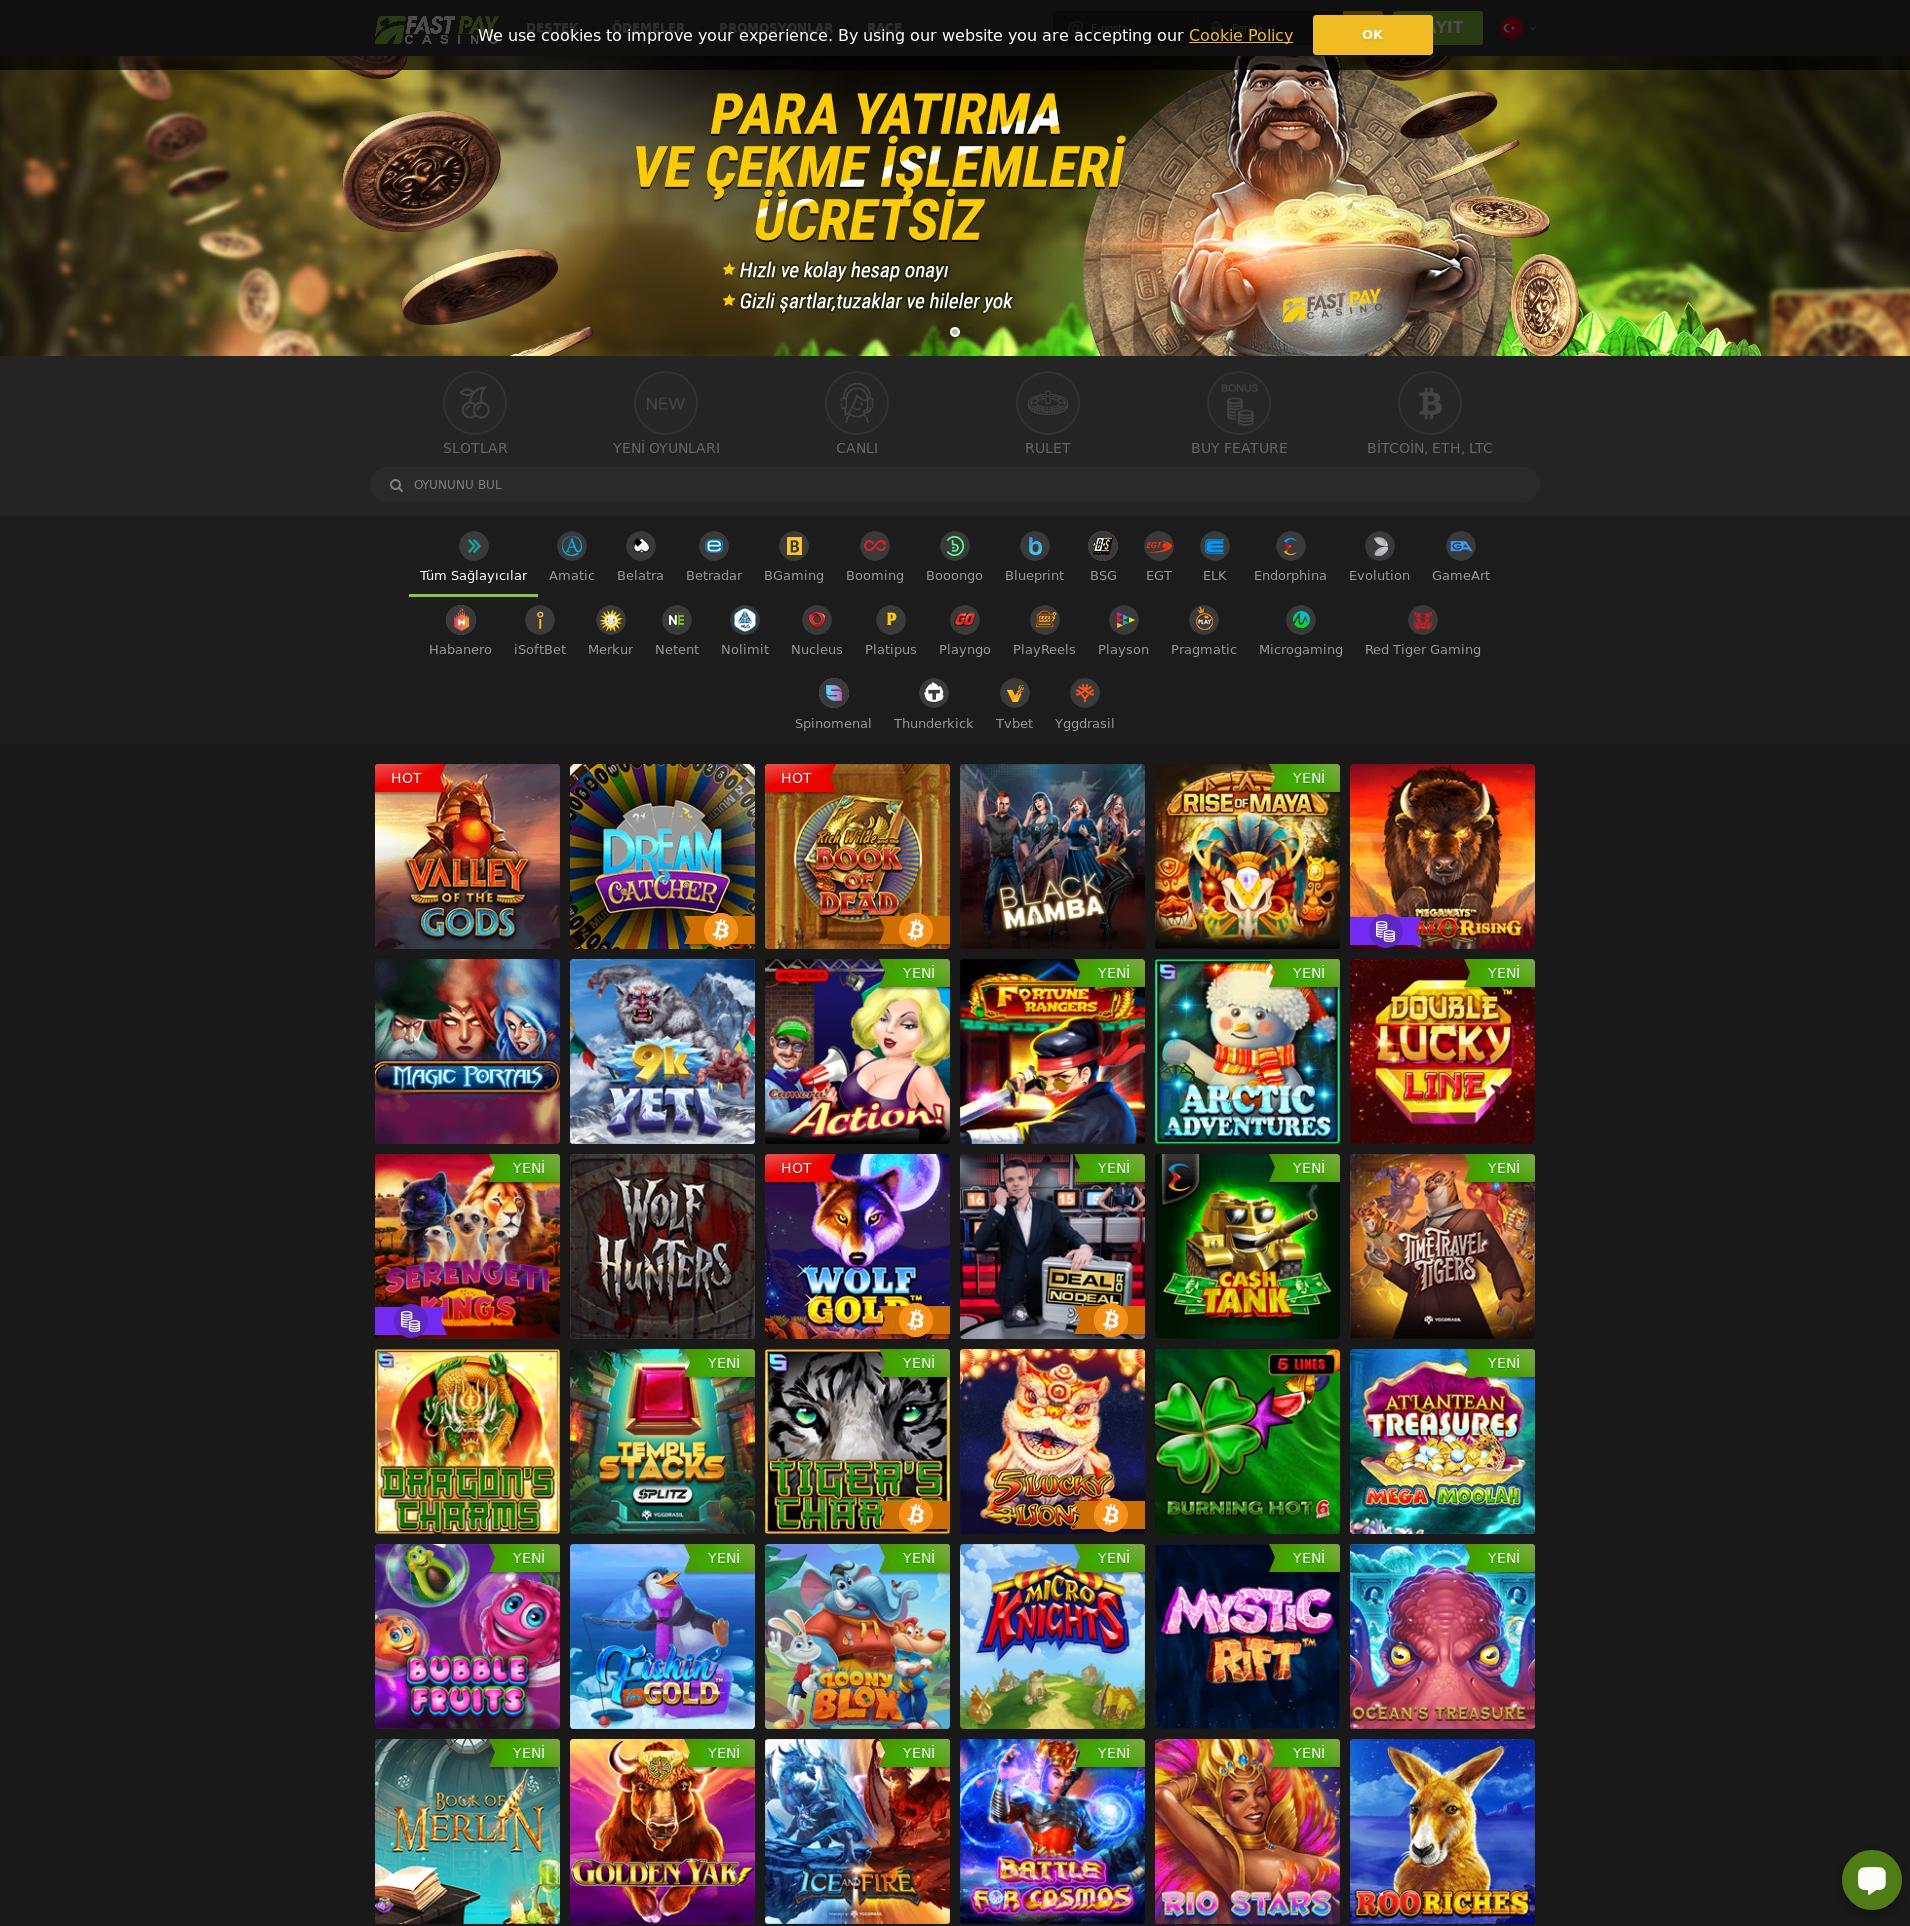 Casino ekranı Lobby 2020-03-31 için Türkiye